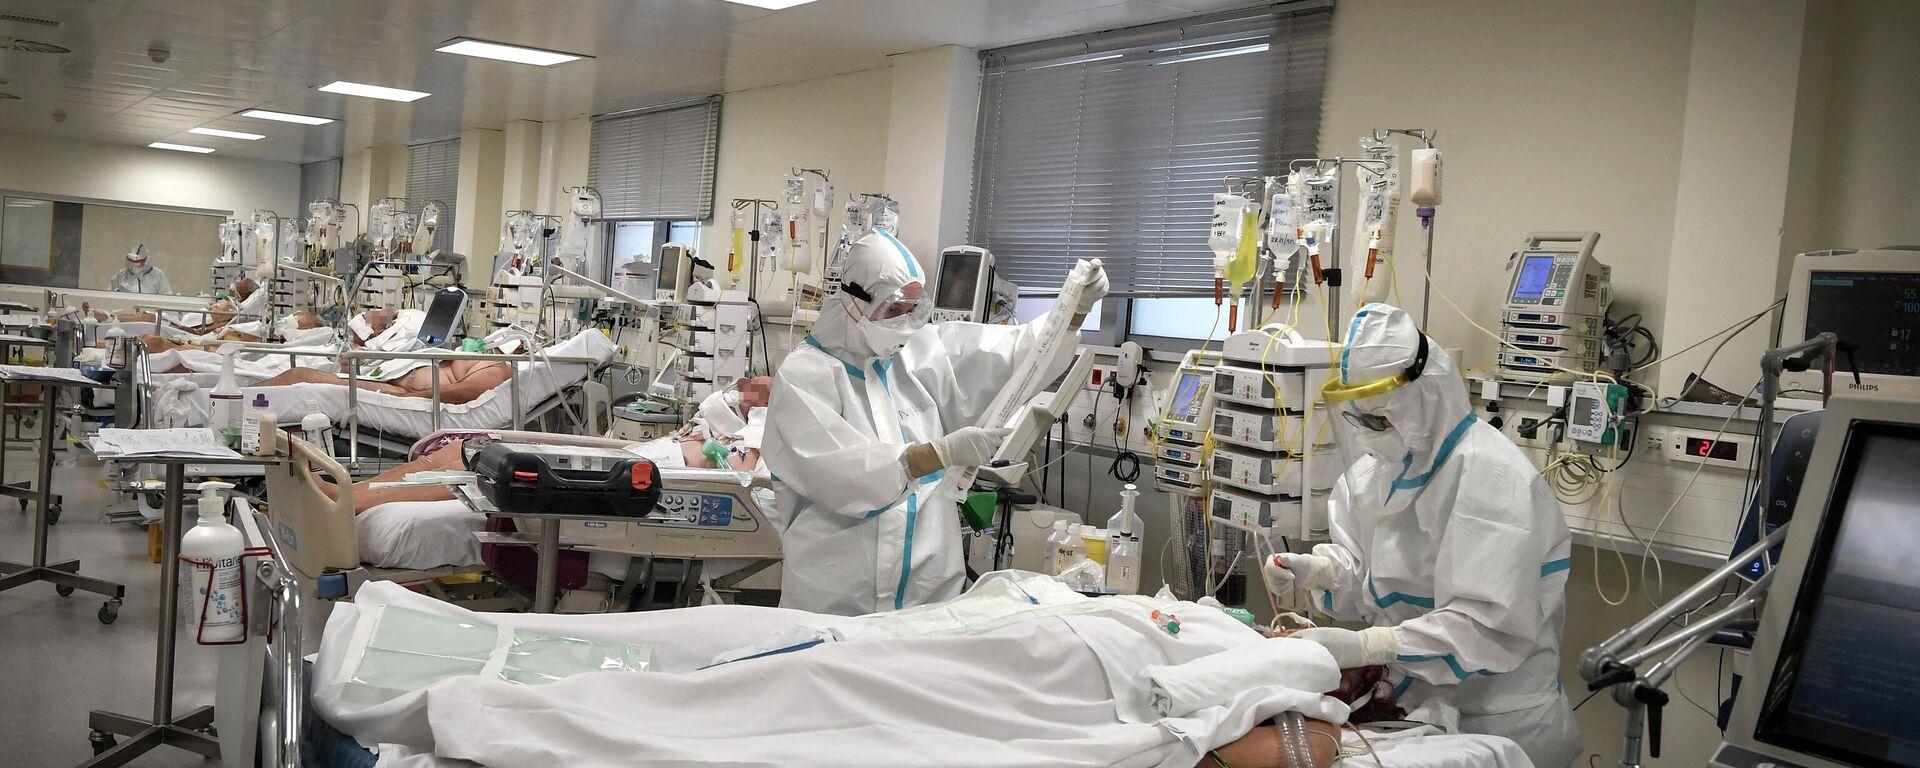 Νοσοκομείο - Sputnik Ελλάδα, 1920, 17.09.2021